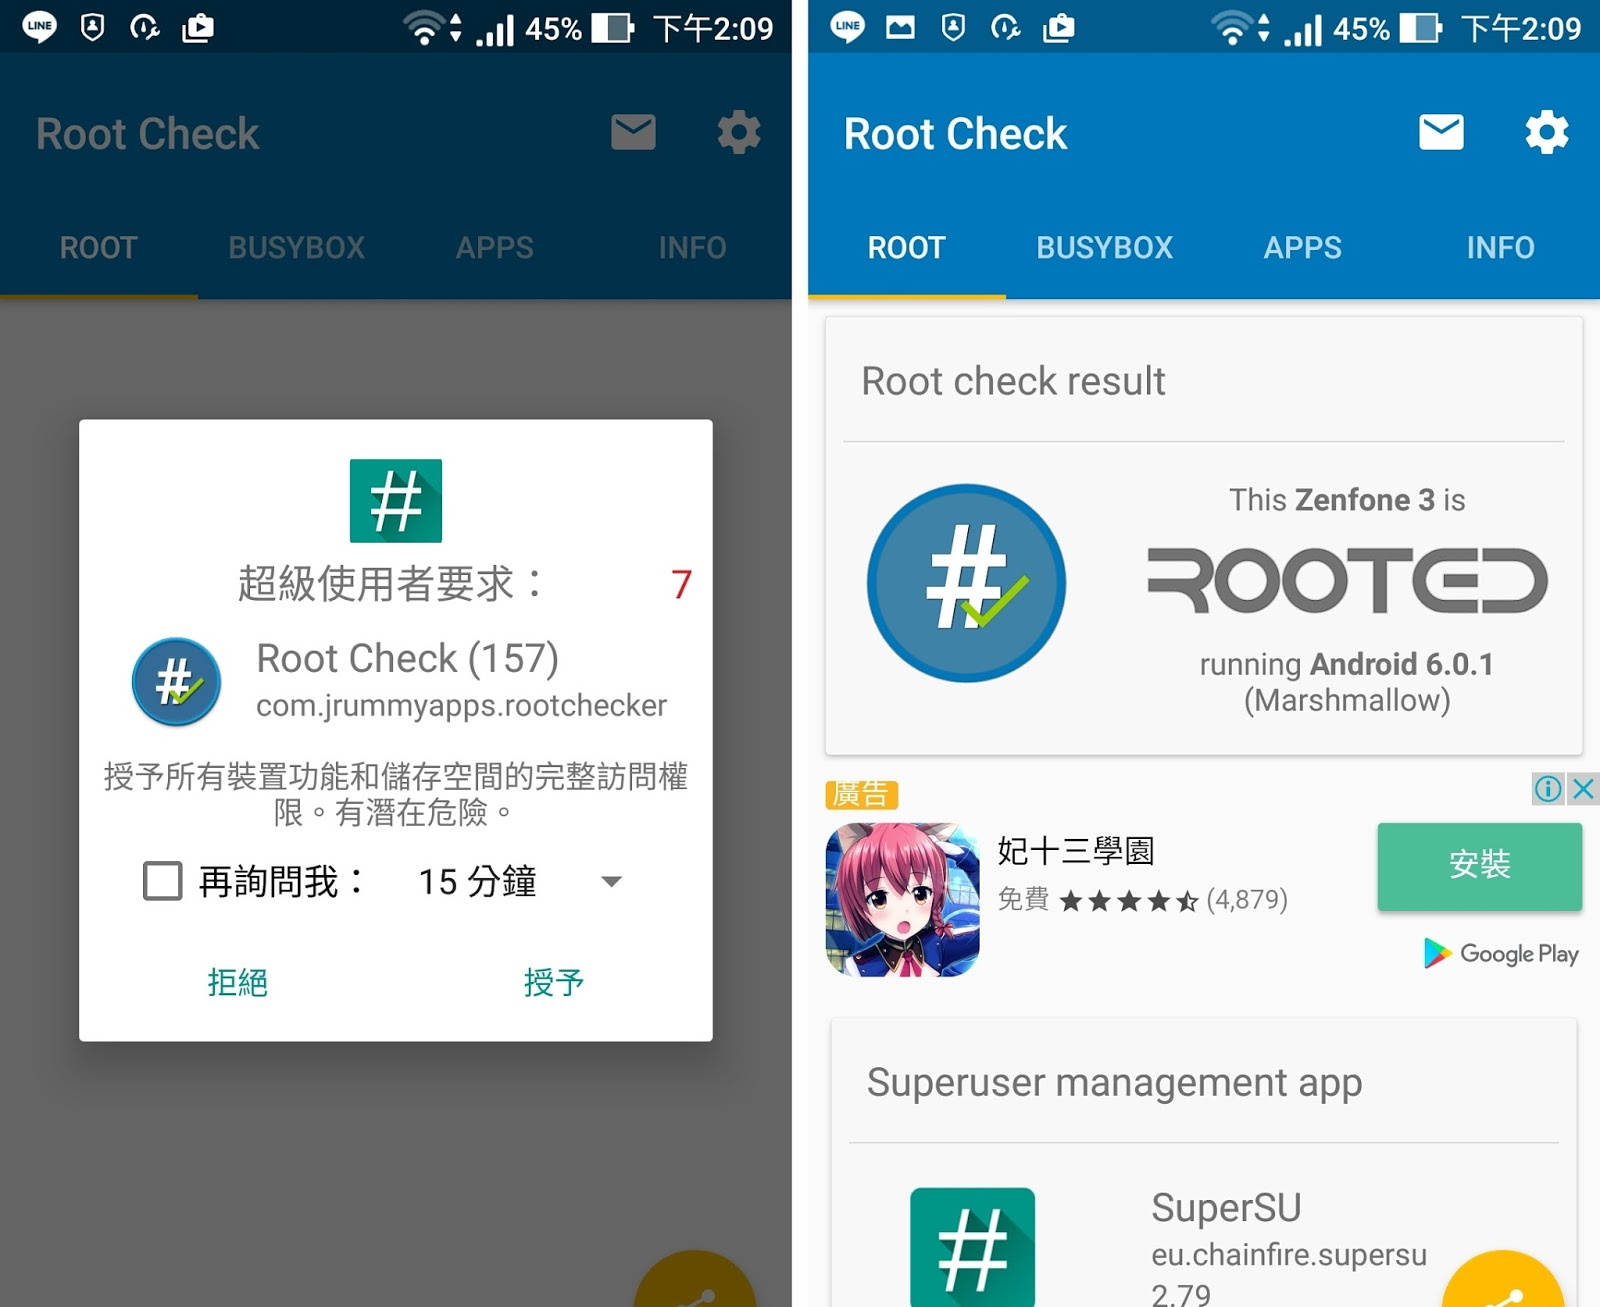 Screenshot 20170201 140925 - 【圖文教學】Zenfone 3 ROOT 超簡單!新手也不怕的 ROOT 取得攻略